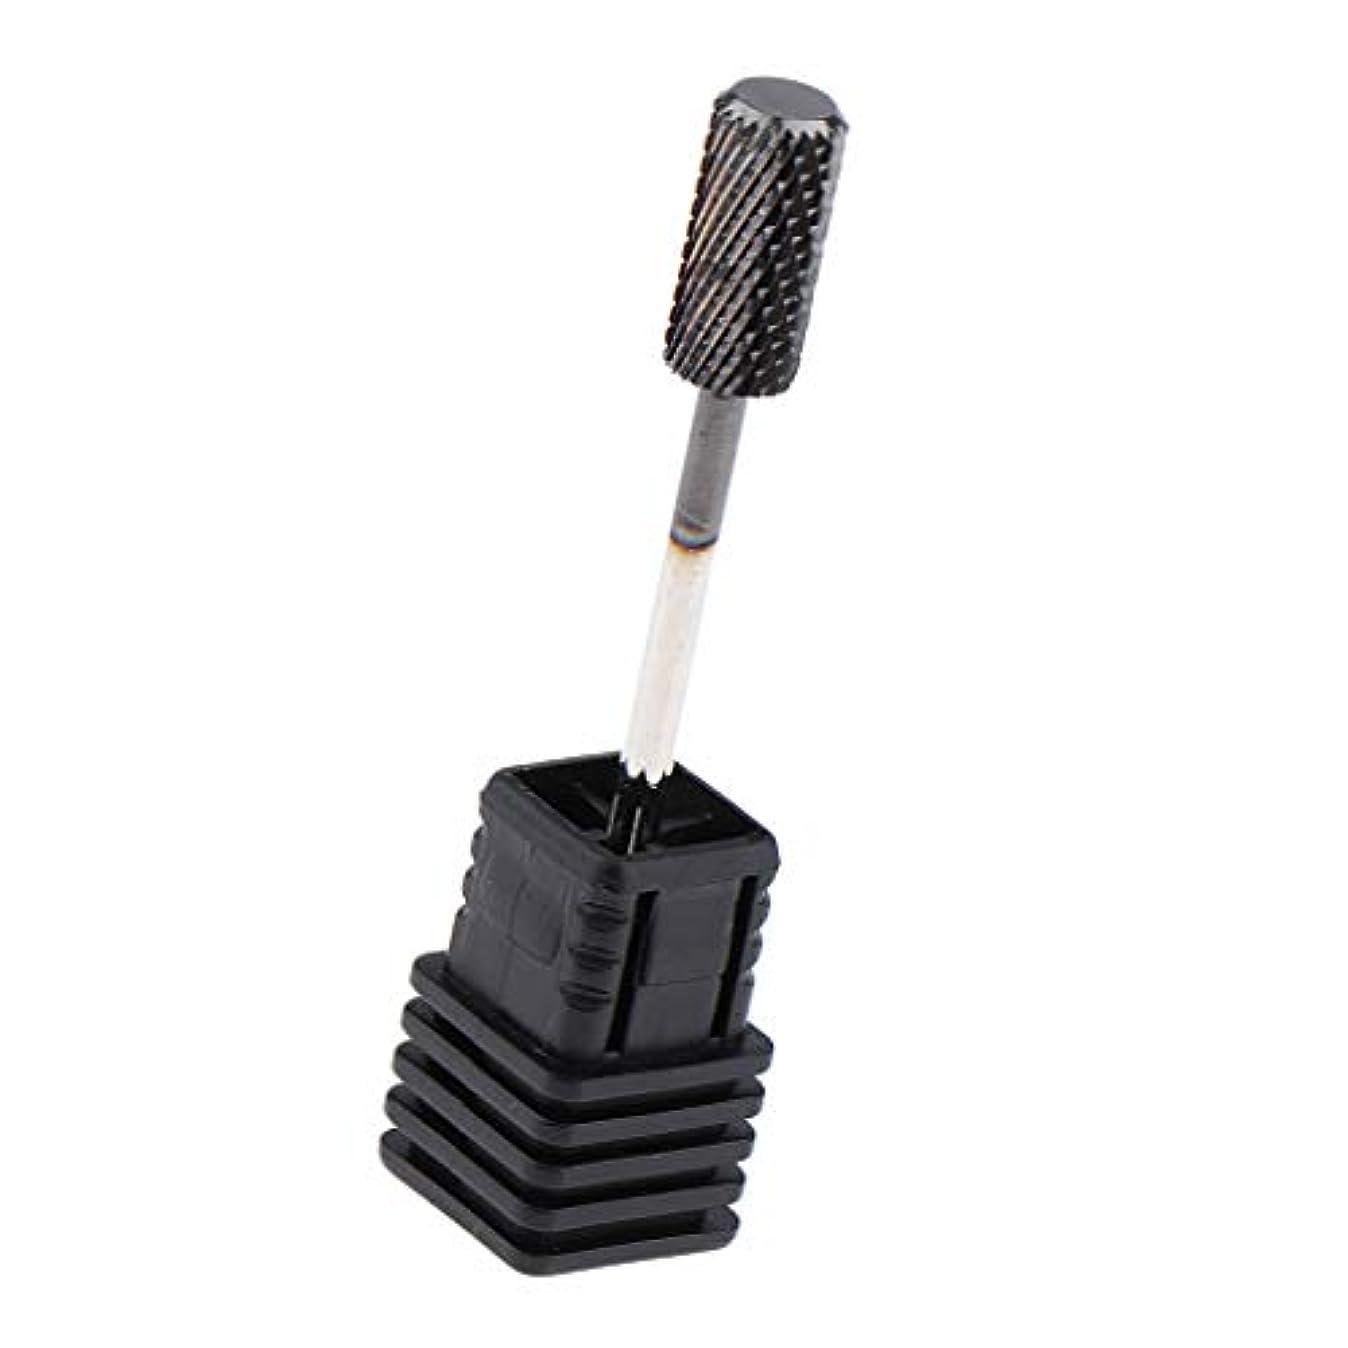 着実に意味するゴミToygogo キューティクルクリーンネイルドリルビットファイルポリッシングヘッドアクリルネイル、ジェルネイル、ポリッシュキューティクル、シールコート、ベースジェル用電気ドリルビット - D